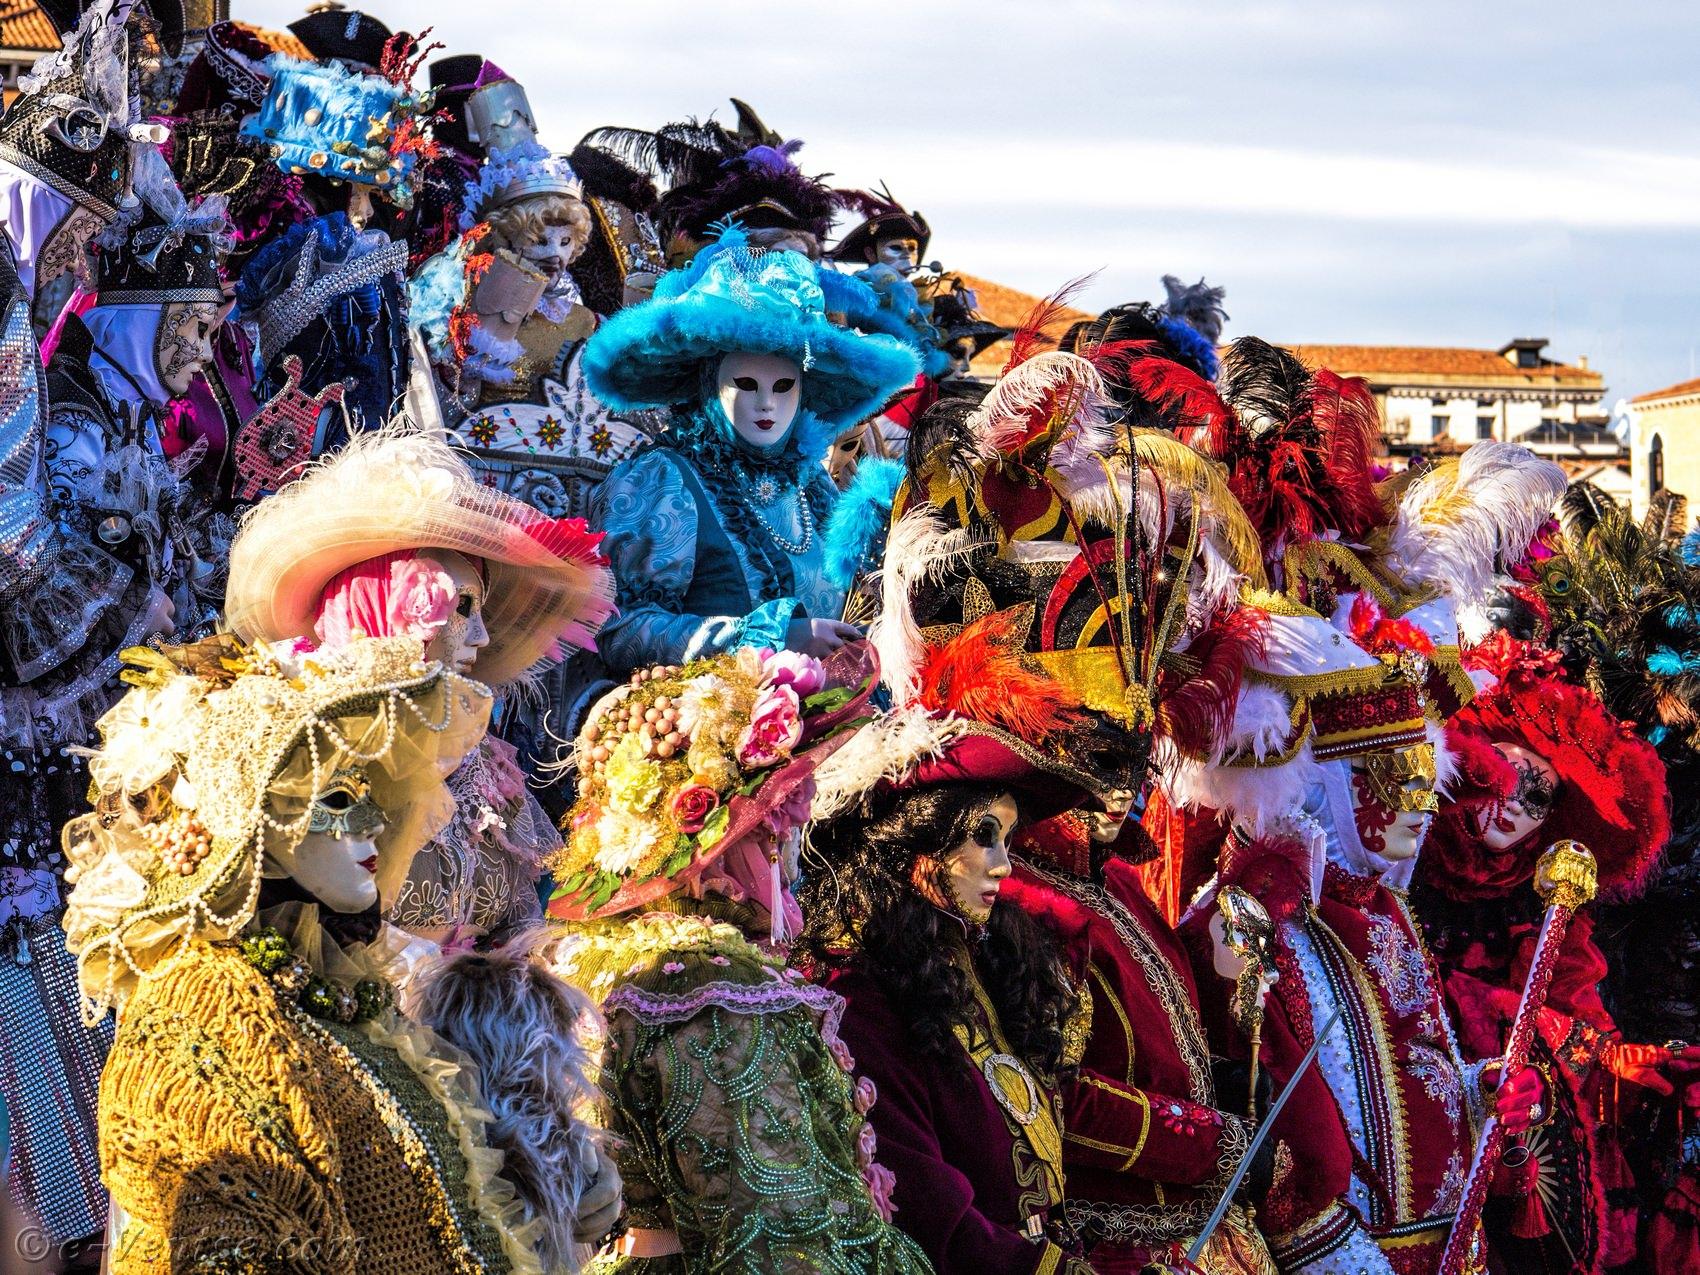 Favorit Calendrier Programme complet du Carnaval de Venise 2018 KZ45